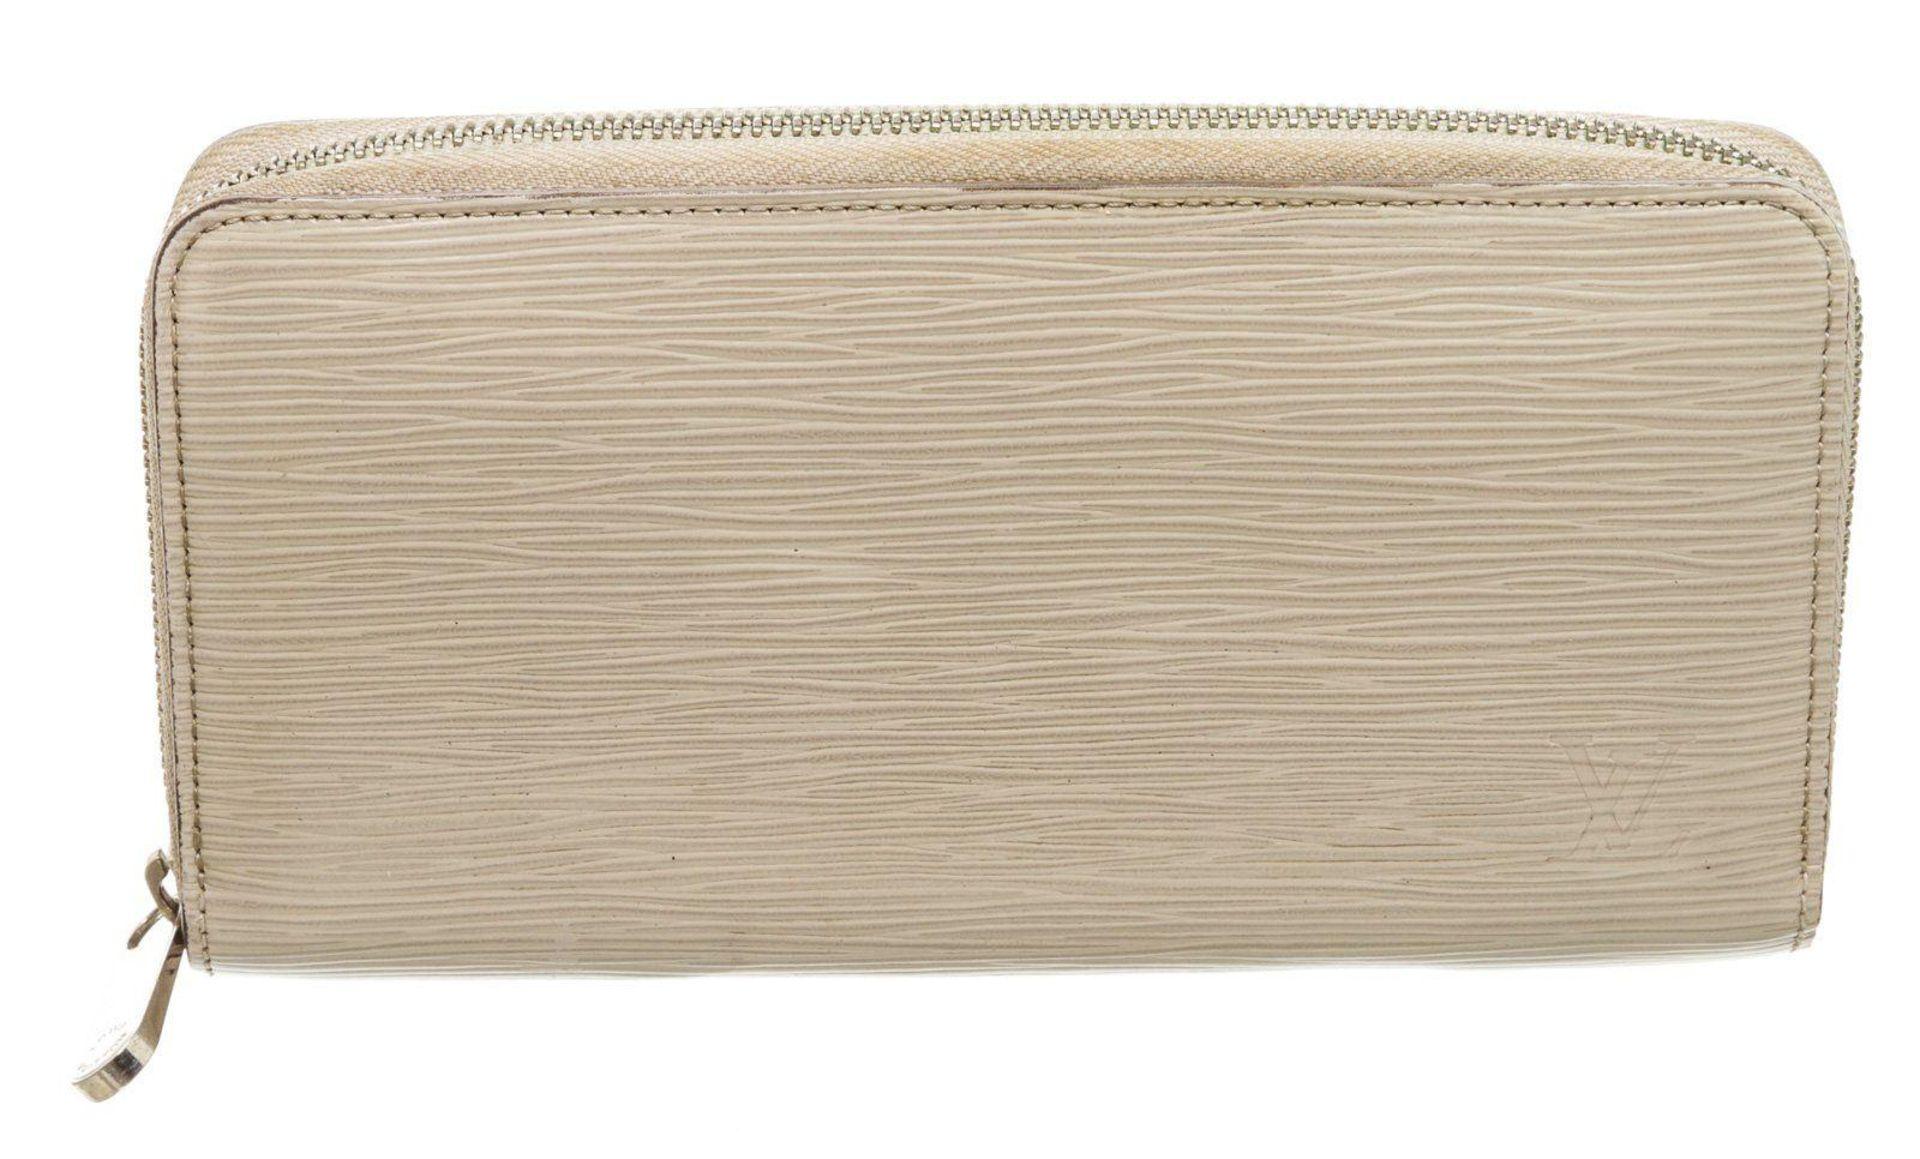 Louis Vuitton Mauve Epi Leather Monogram Zippy Wallet